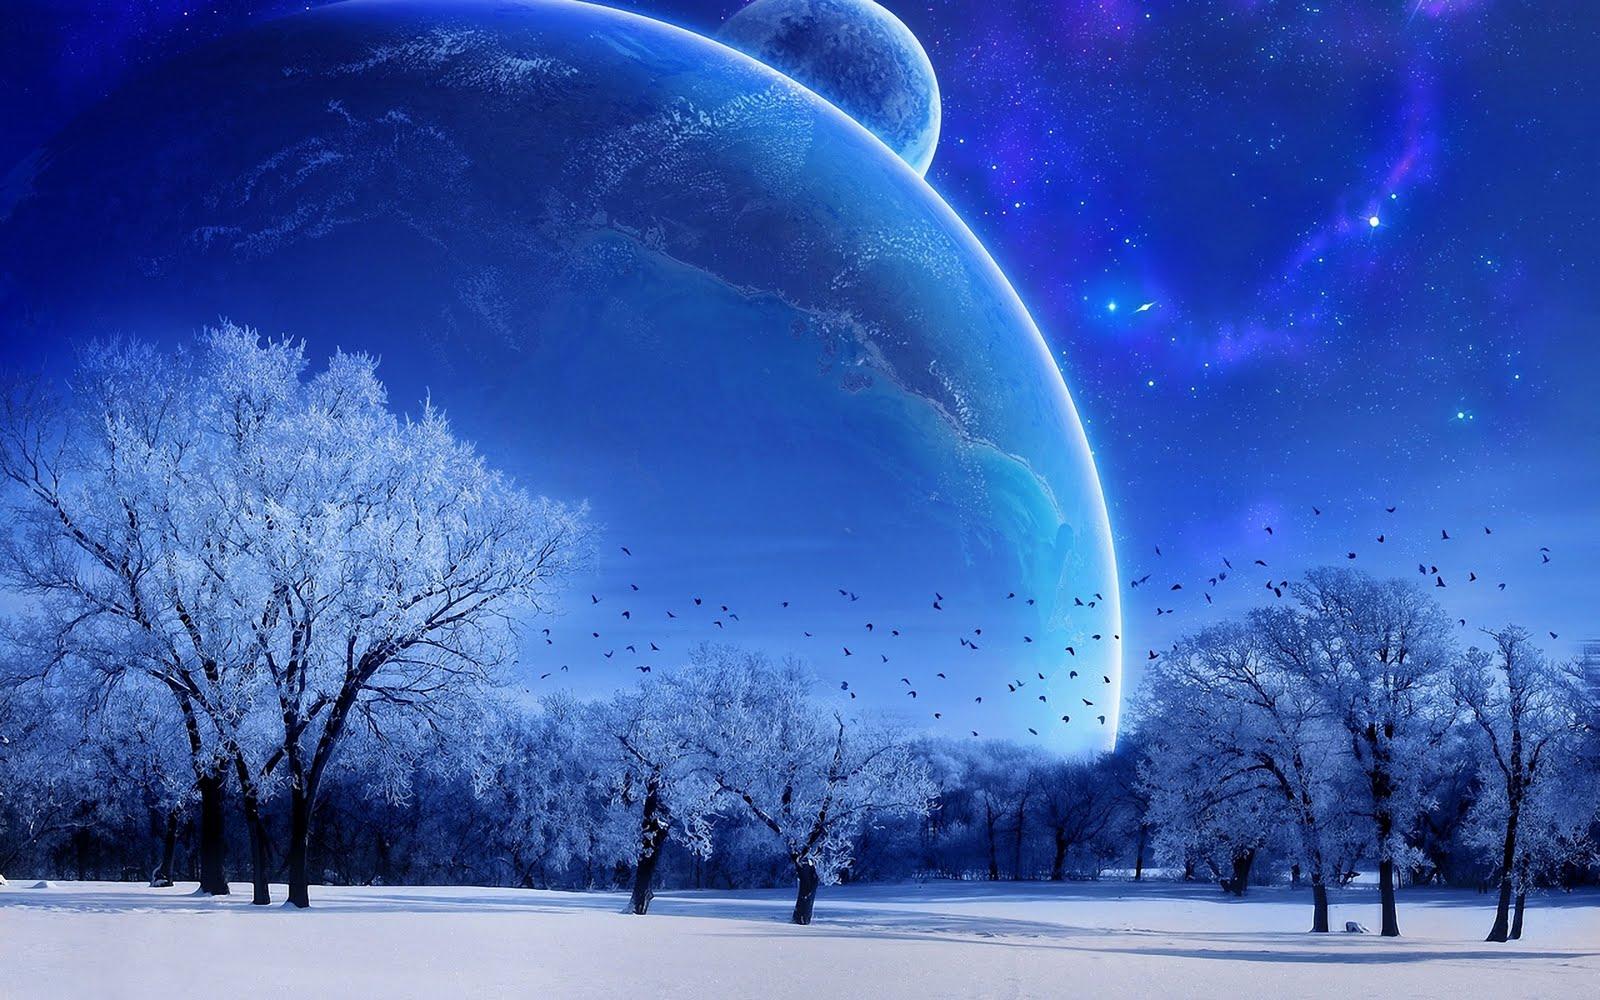 http://4.bp.blogspot.com/-vRu0ASxaQVI/TtxJV_sWRZI/AAAAAAAAAlY/pLH2-qb0hj8/s1600/winter-hd-6-743427.jpg